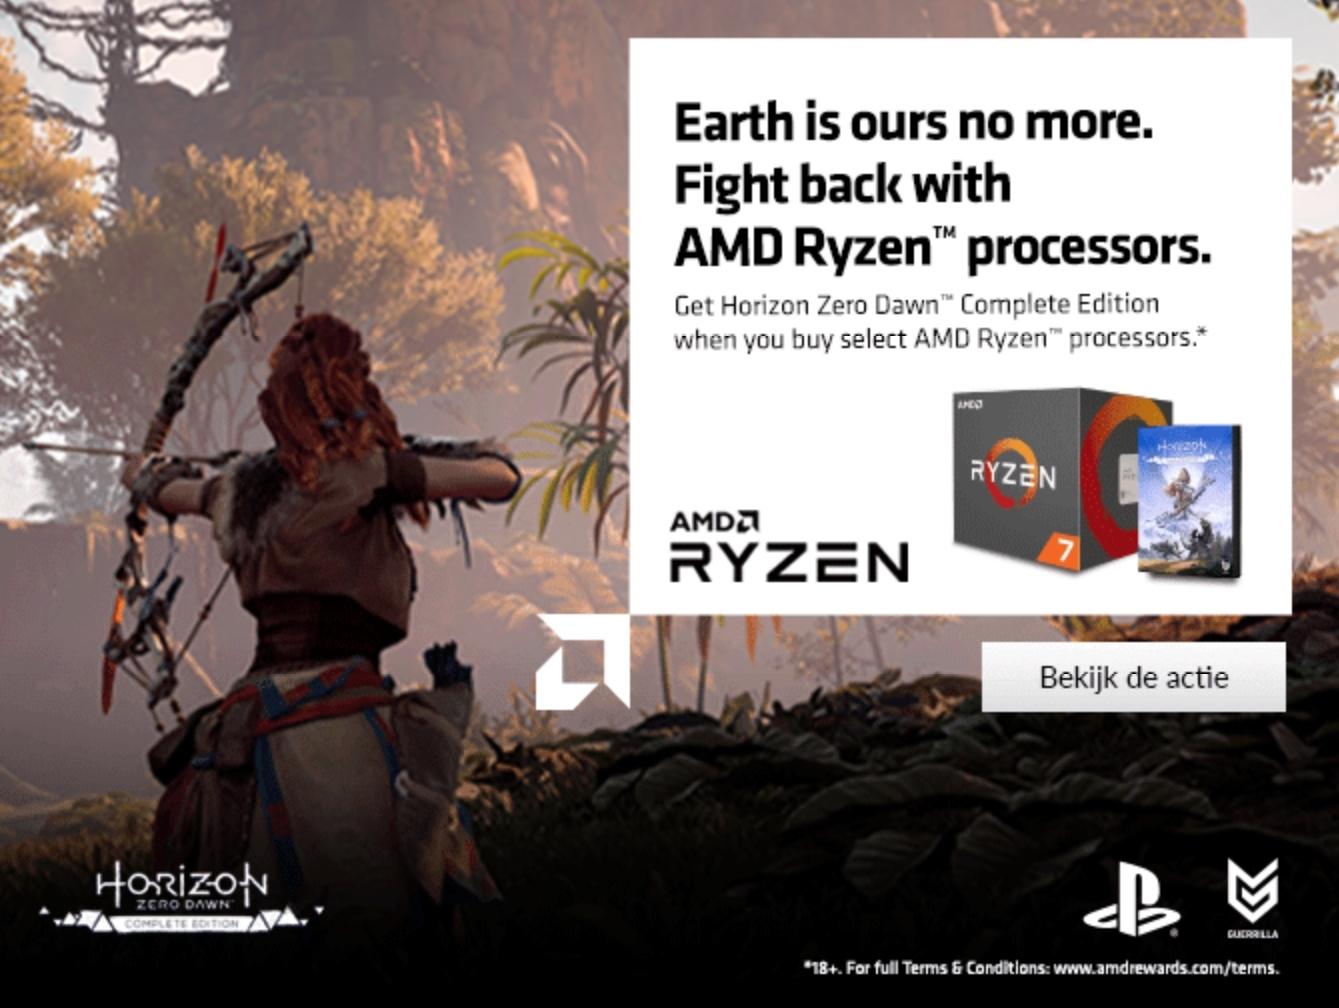 Gratis Horizon Zero Dawn (PC) bij aanschaf van een AMD Ryzen™ processor